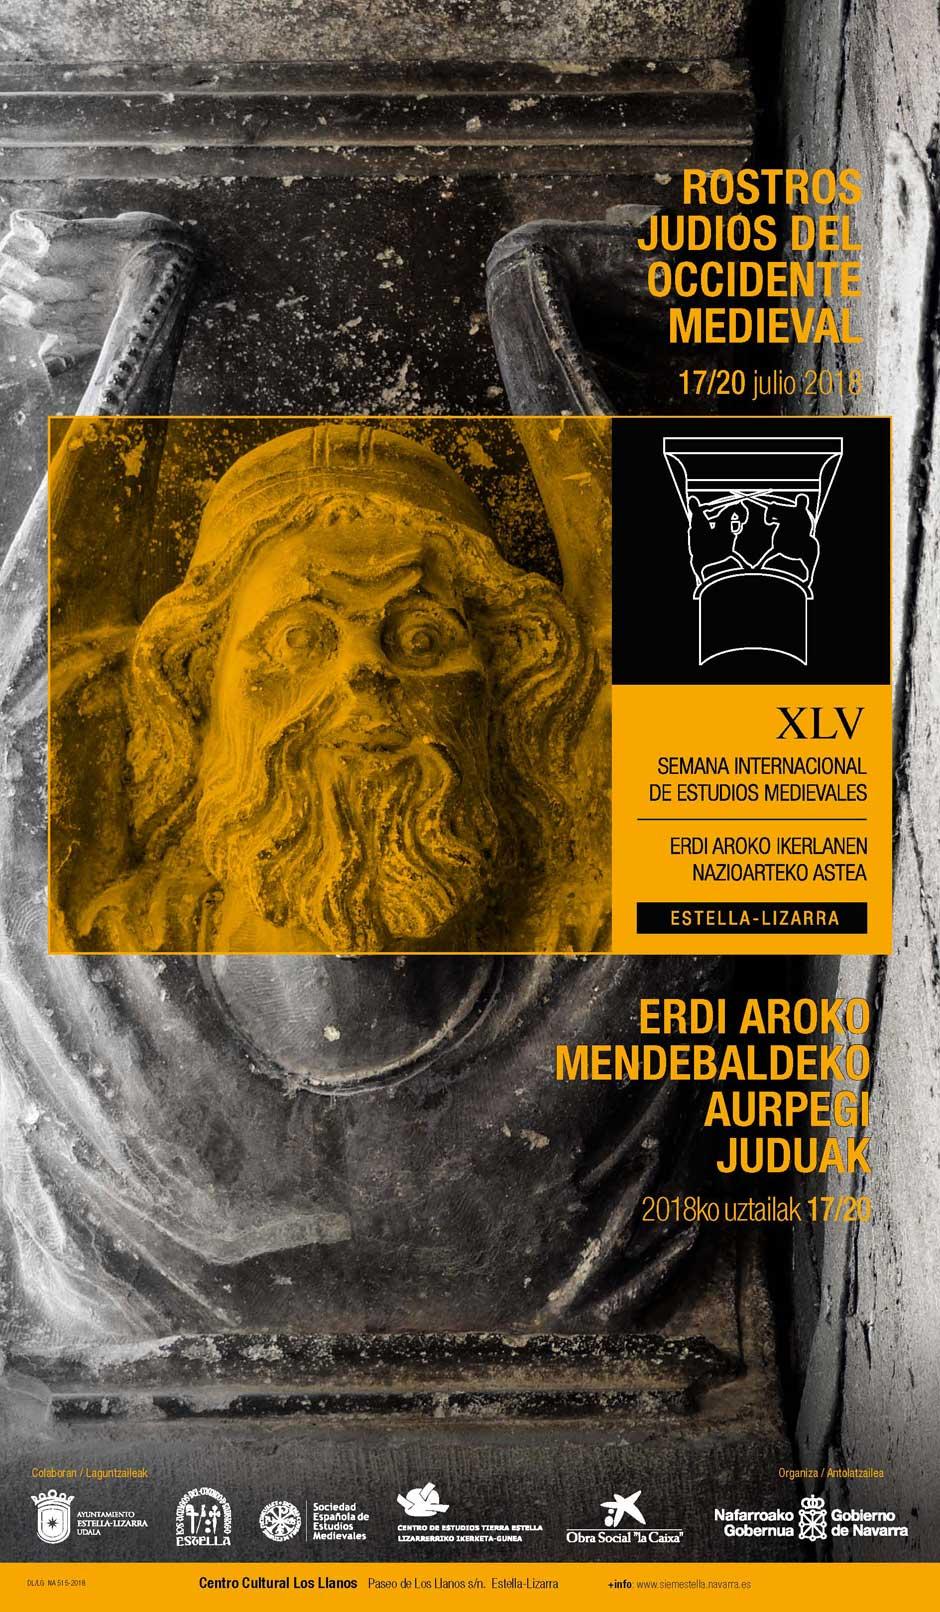 La XVL Semana Internacional de Estudios Medievales de Estella-Lizarra, que transcurrió del 17 al 20 de julio, puso el foco en el estudio de las comunidades judías en la Edad Media Occidental.